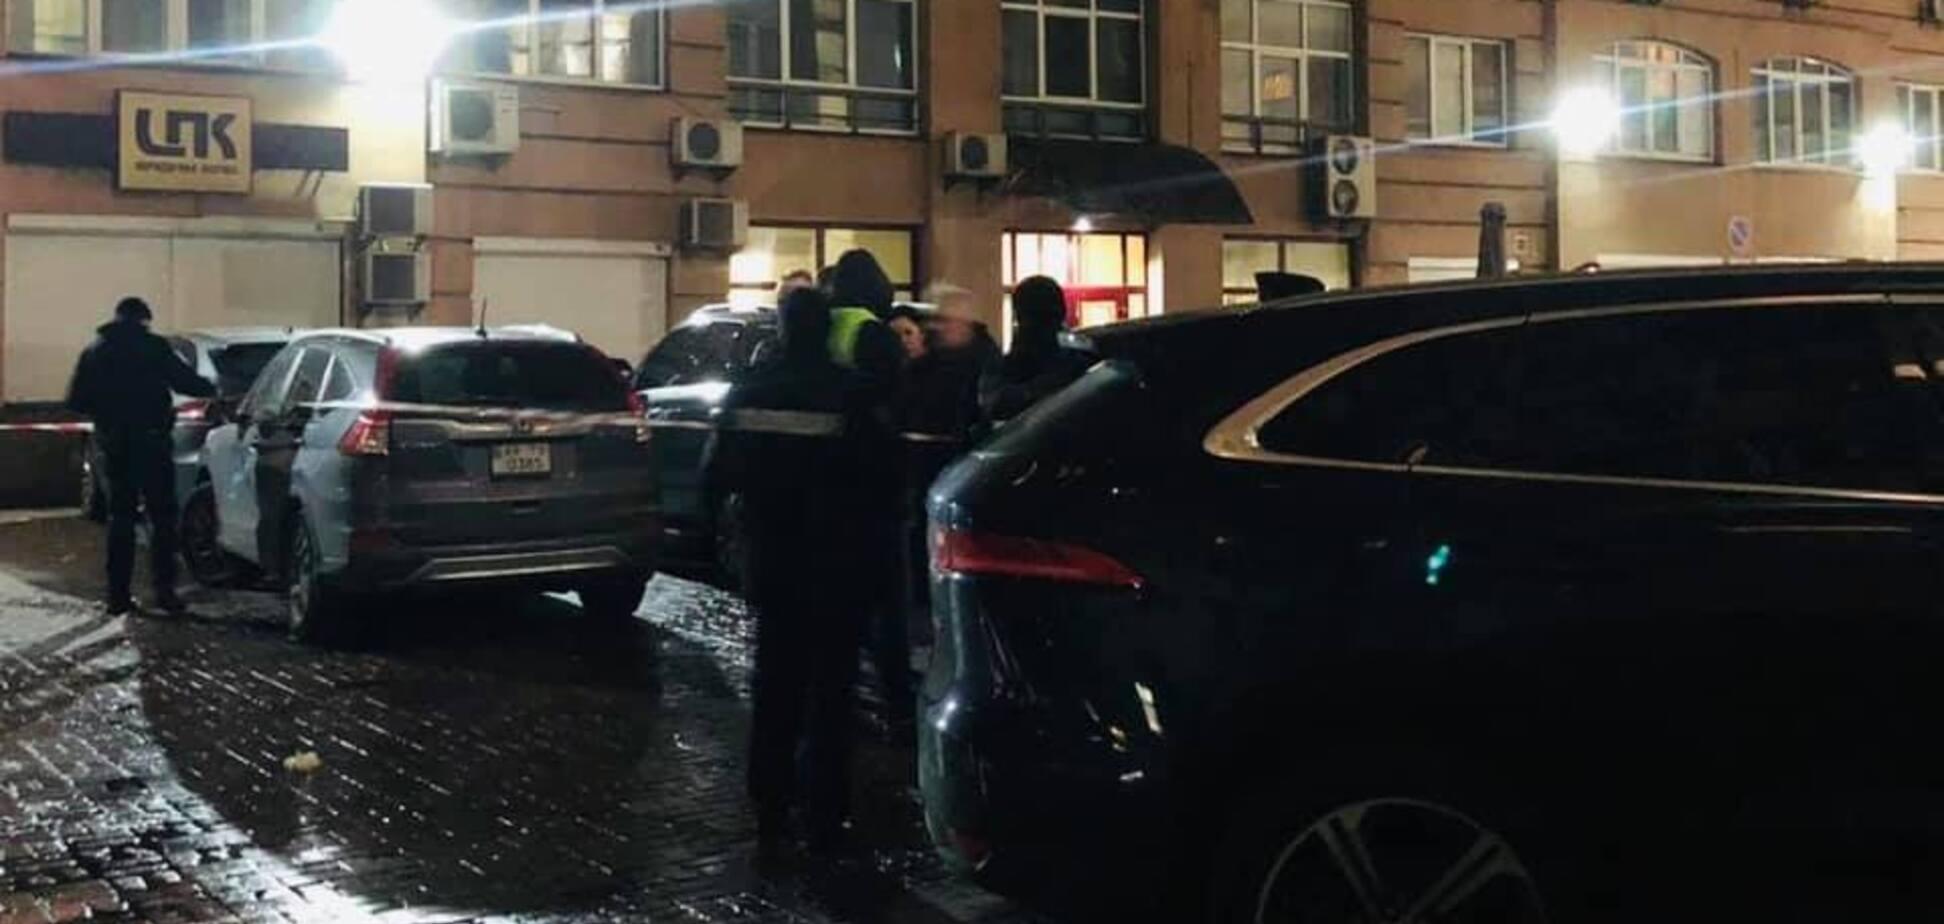 У центрі Києва застрелили відомого лікаря: всі подробиці, фото й відео 18+